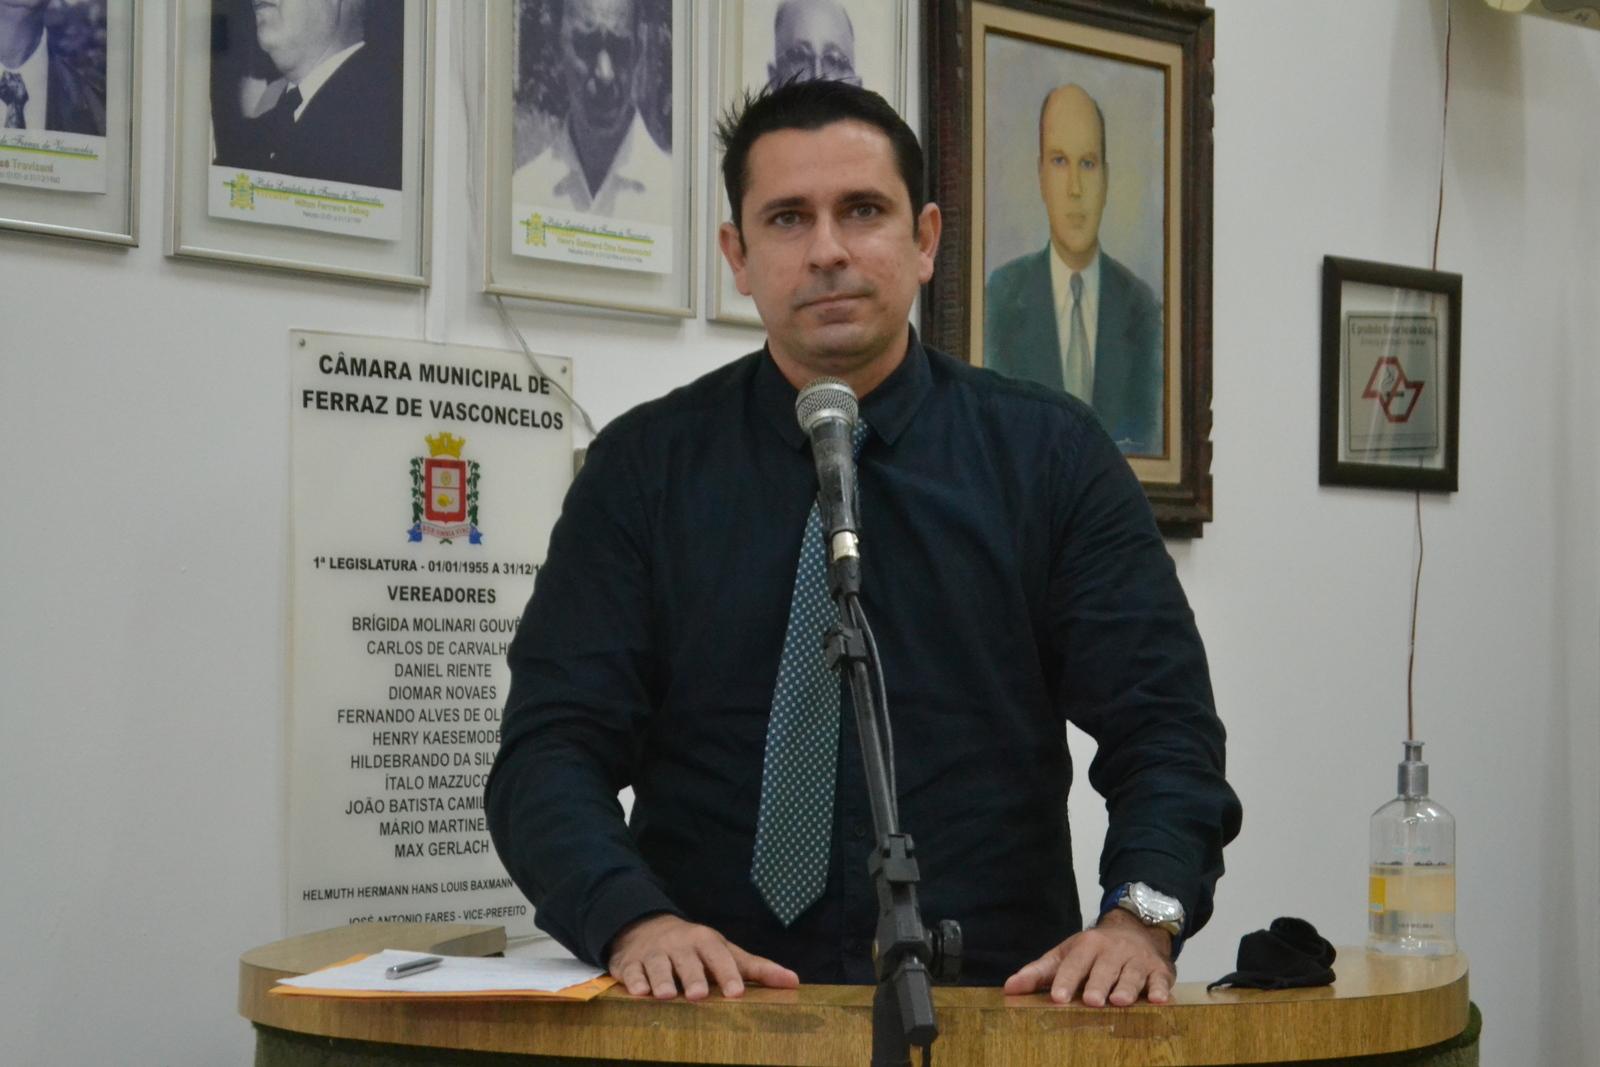 Vereador comemora a aprovação de moção de repúdio a ex-conselheiro santista